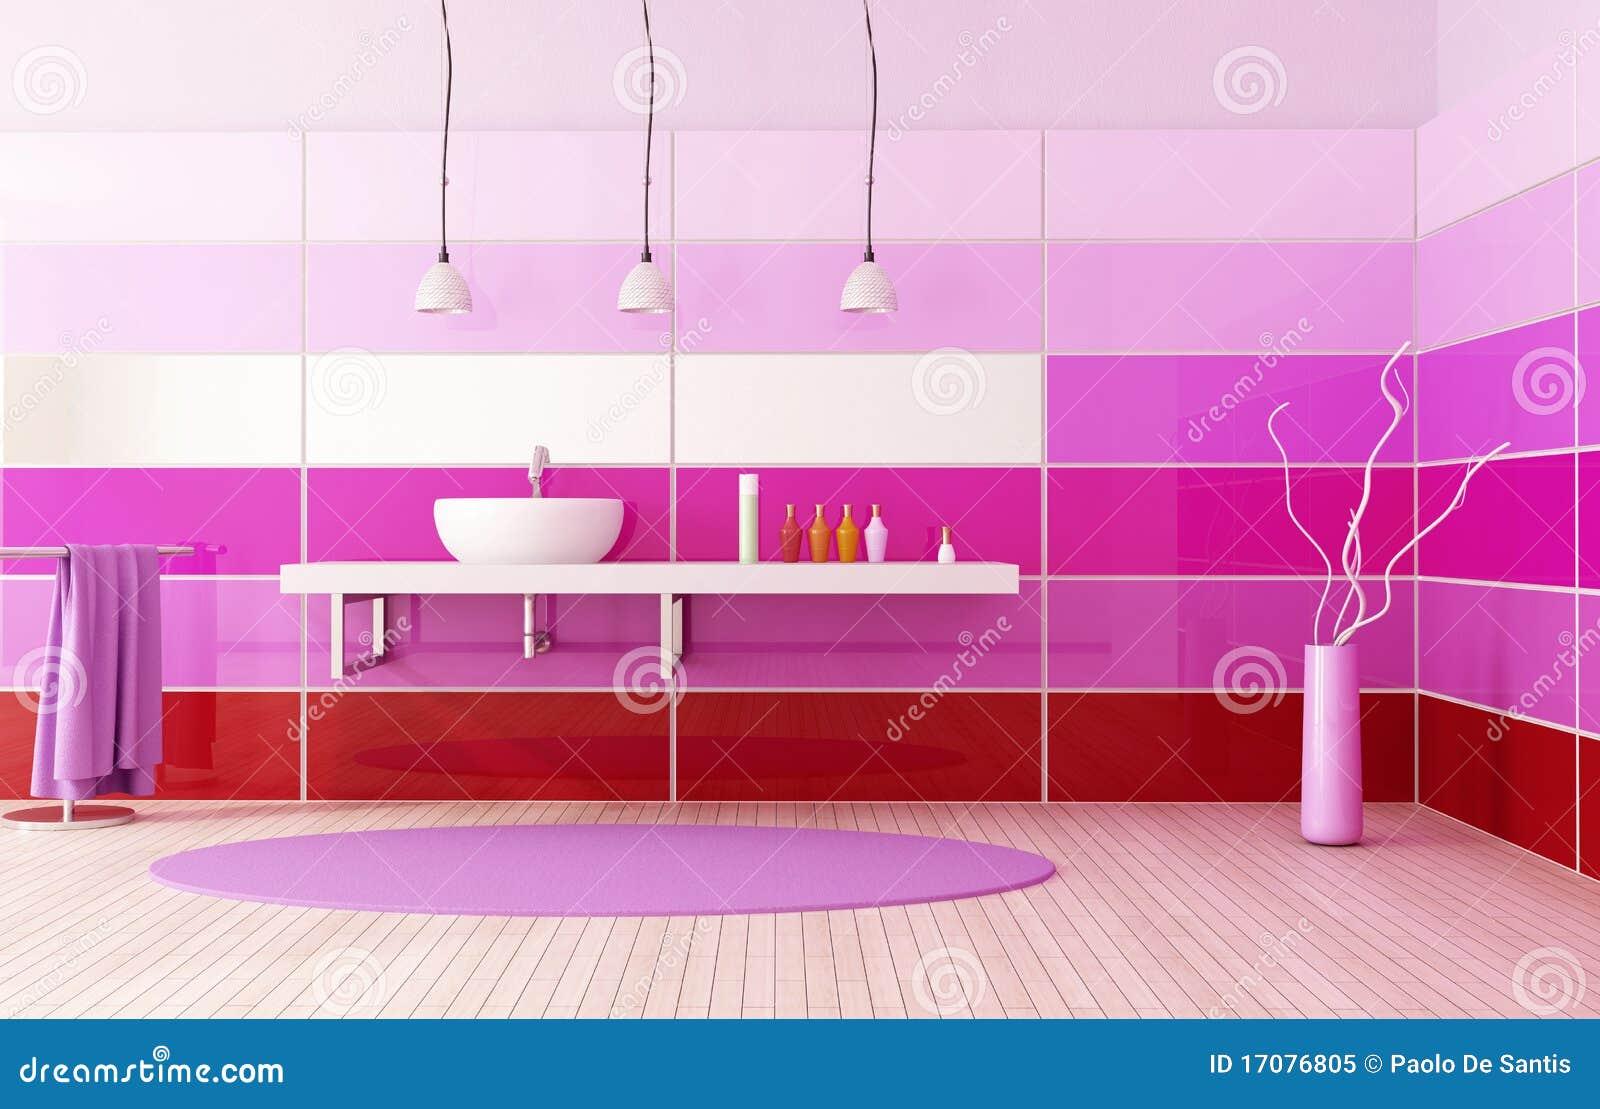 Smalto piastrelle bagno beautiful bella pitture per mattonelle bagno bagno idee in vernice per - Smalti idrorepellenti per bagno ...